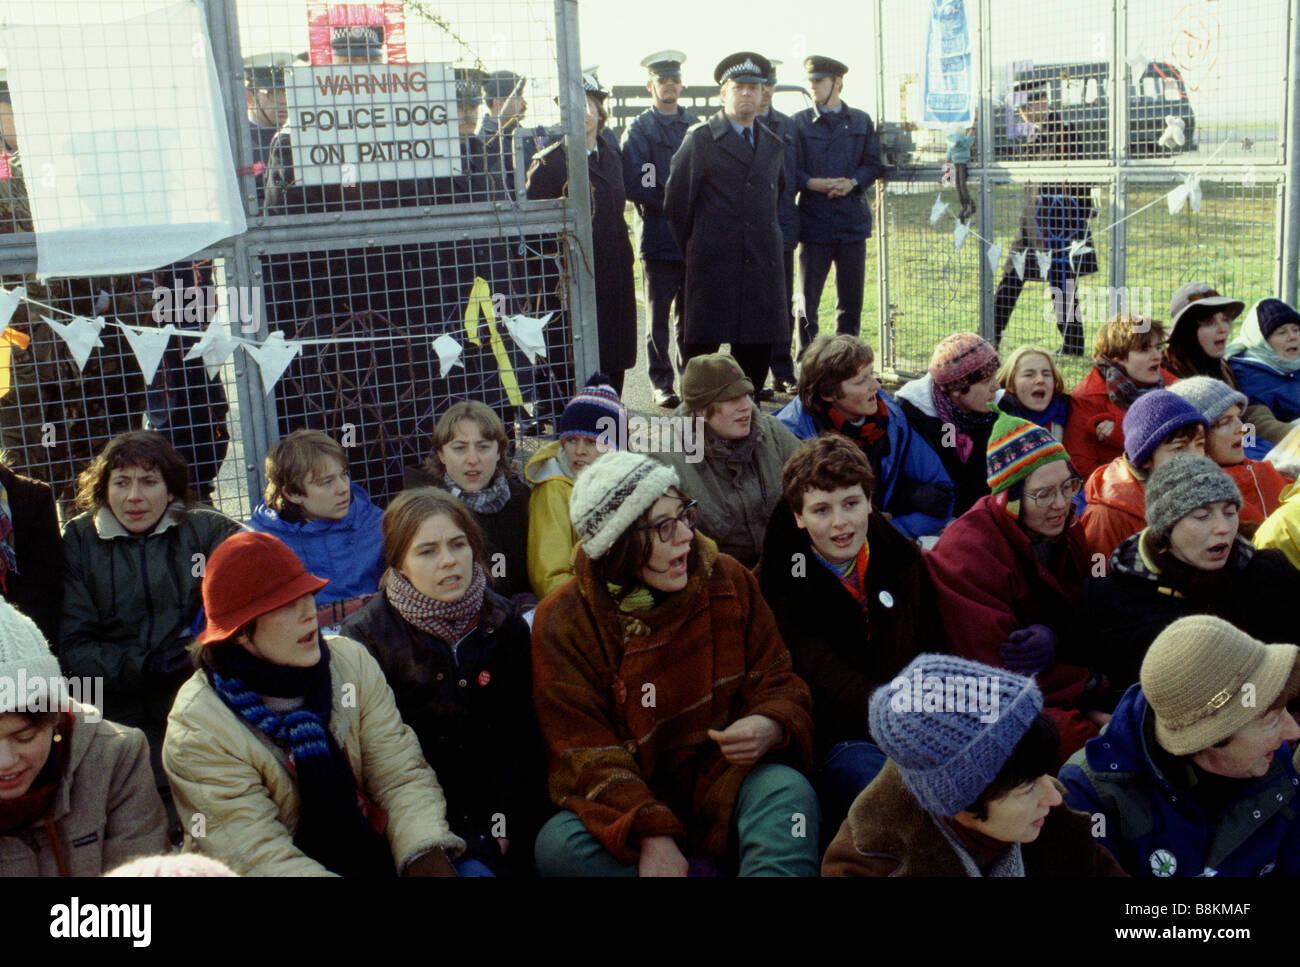 Greenham Berkshire REGNO UNITO 13 dicembre 1982 manifestanti a Greenham Common donna Accampamento della Pace Immagini Stock